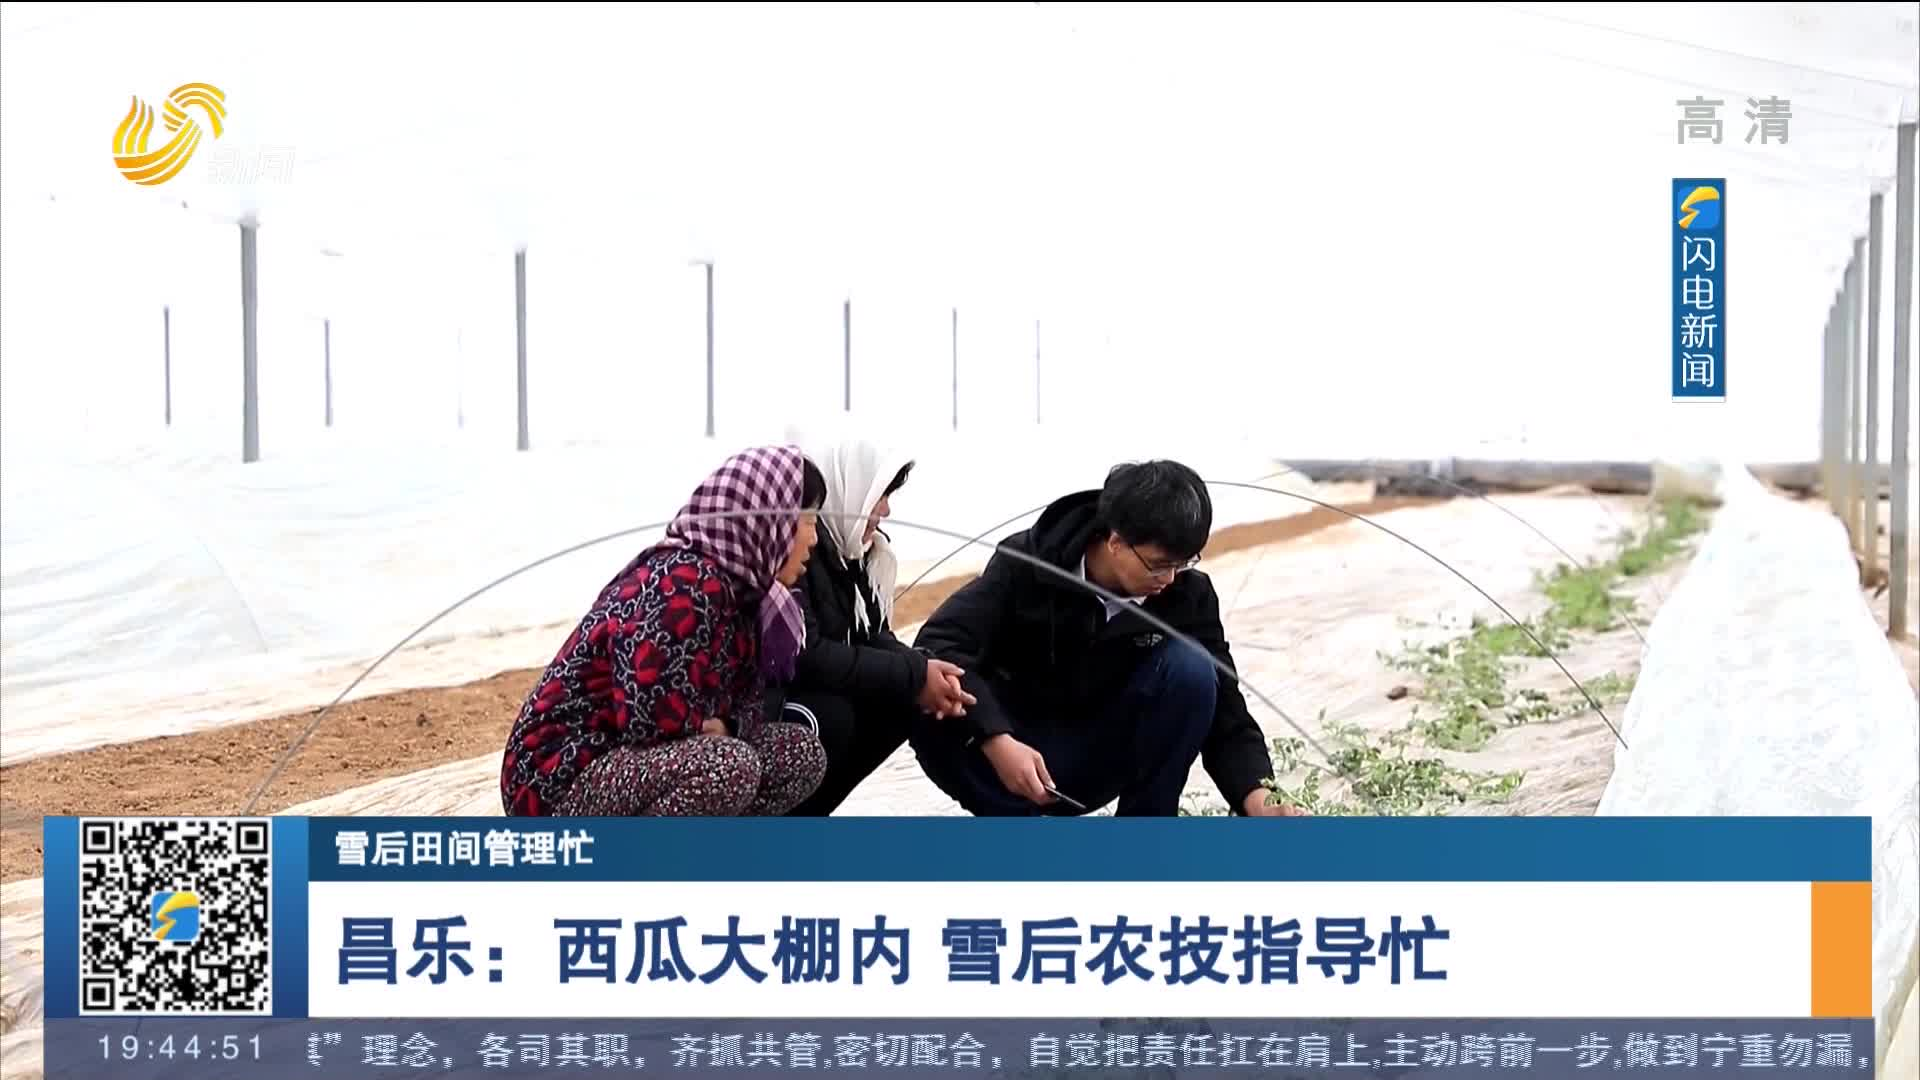 【雪后田间办理忙】昌乐:西瓜大棚内 雪后农技指导忙